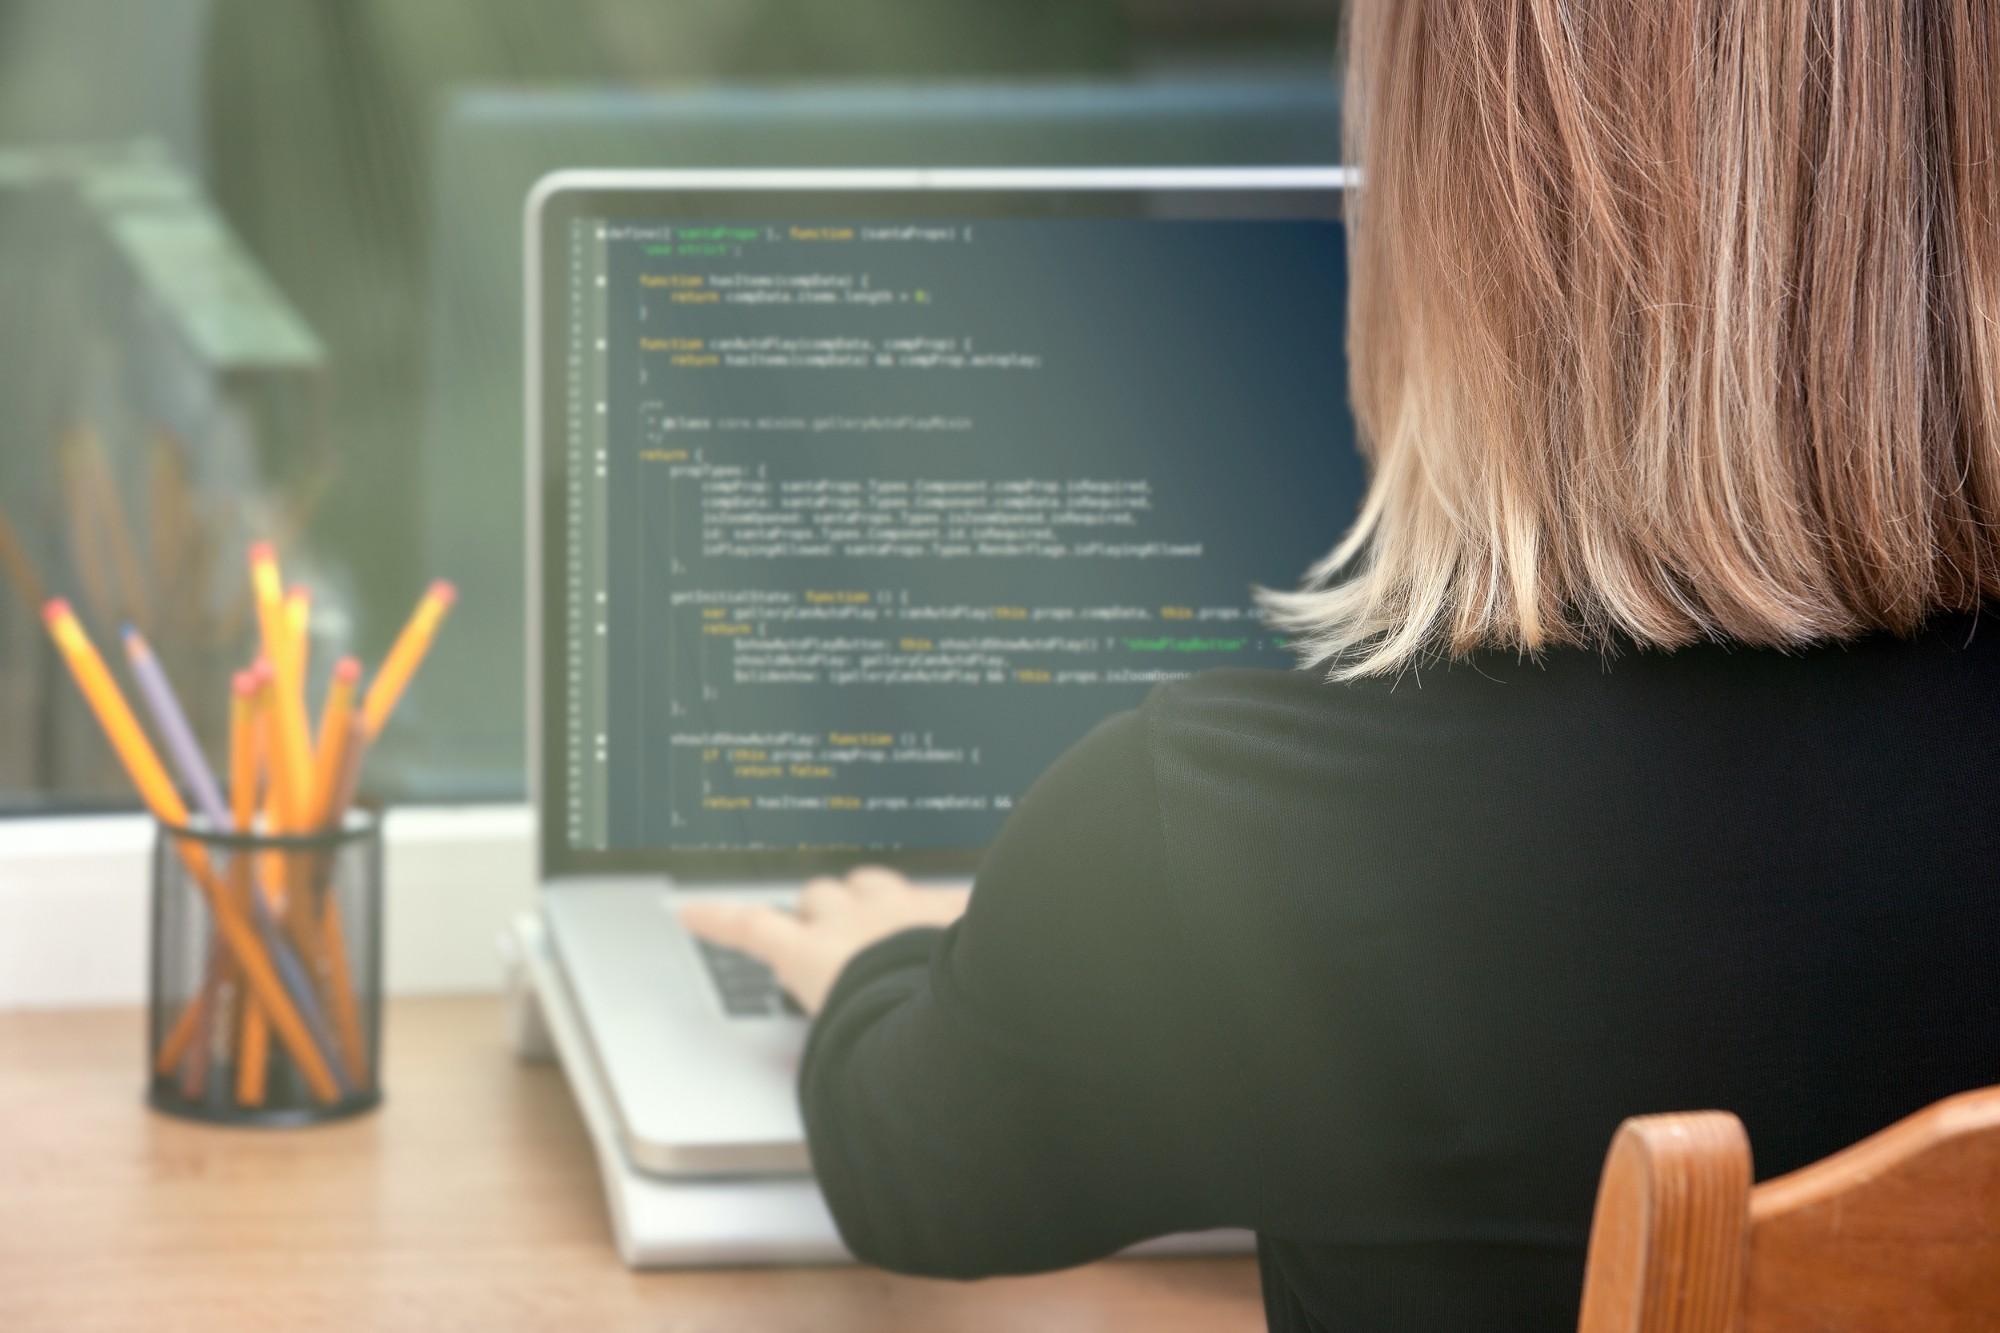 Фриланс для javascript программистов ищу удаленную работу оператор пк